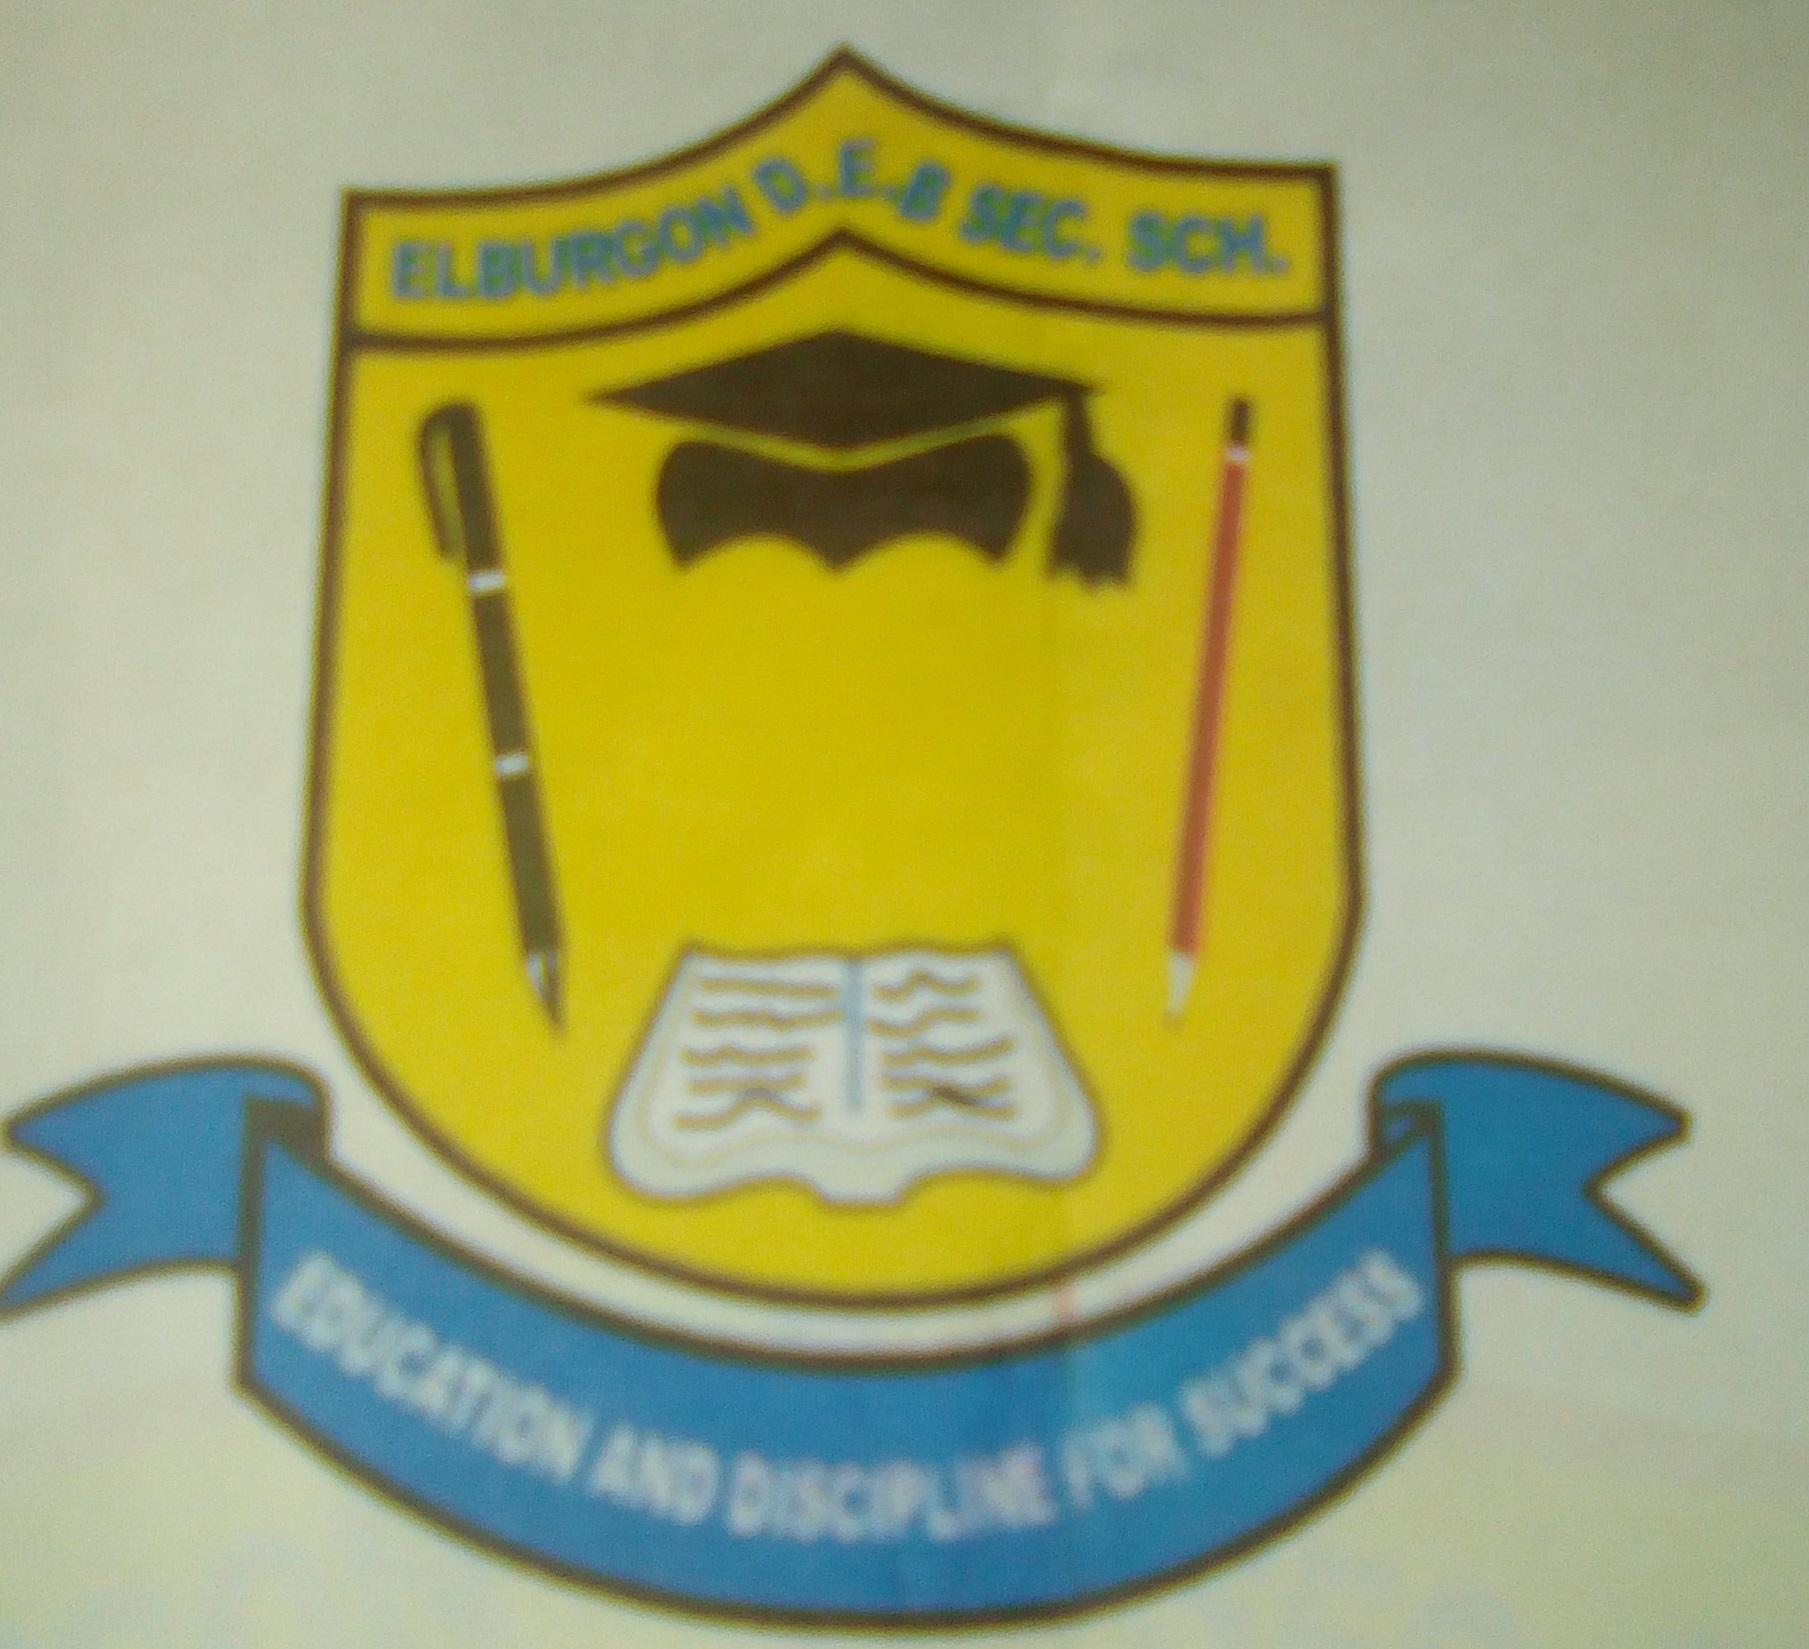 Elburgon DEB Secondary School